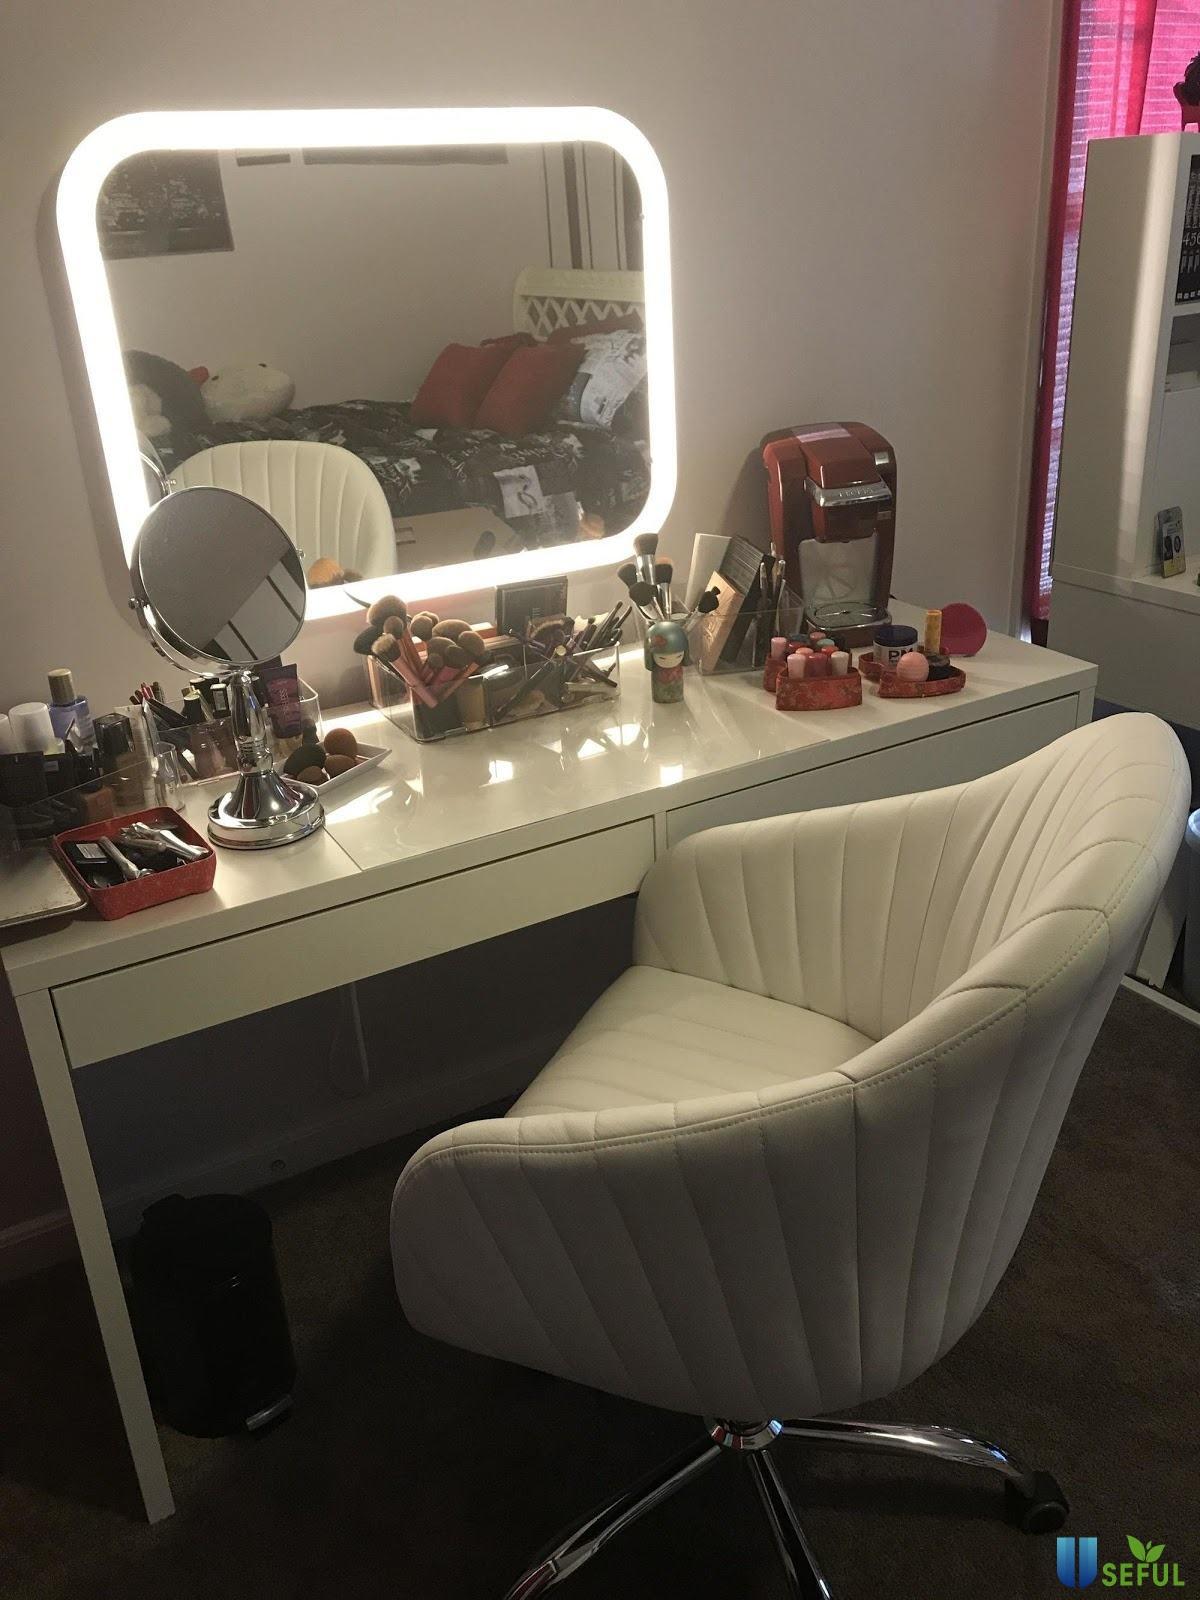 Bàn trang điểm gương rời với dải led bao quanh thiết kế vô cùng trang nhã kết hợp với tông màu trắng và chiếc ghế tựa lưng rất sang trọng.